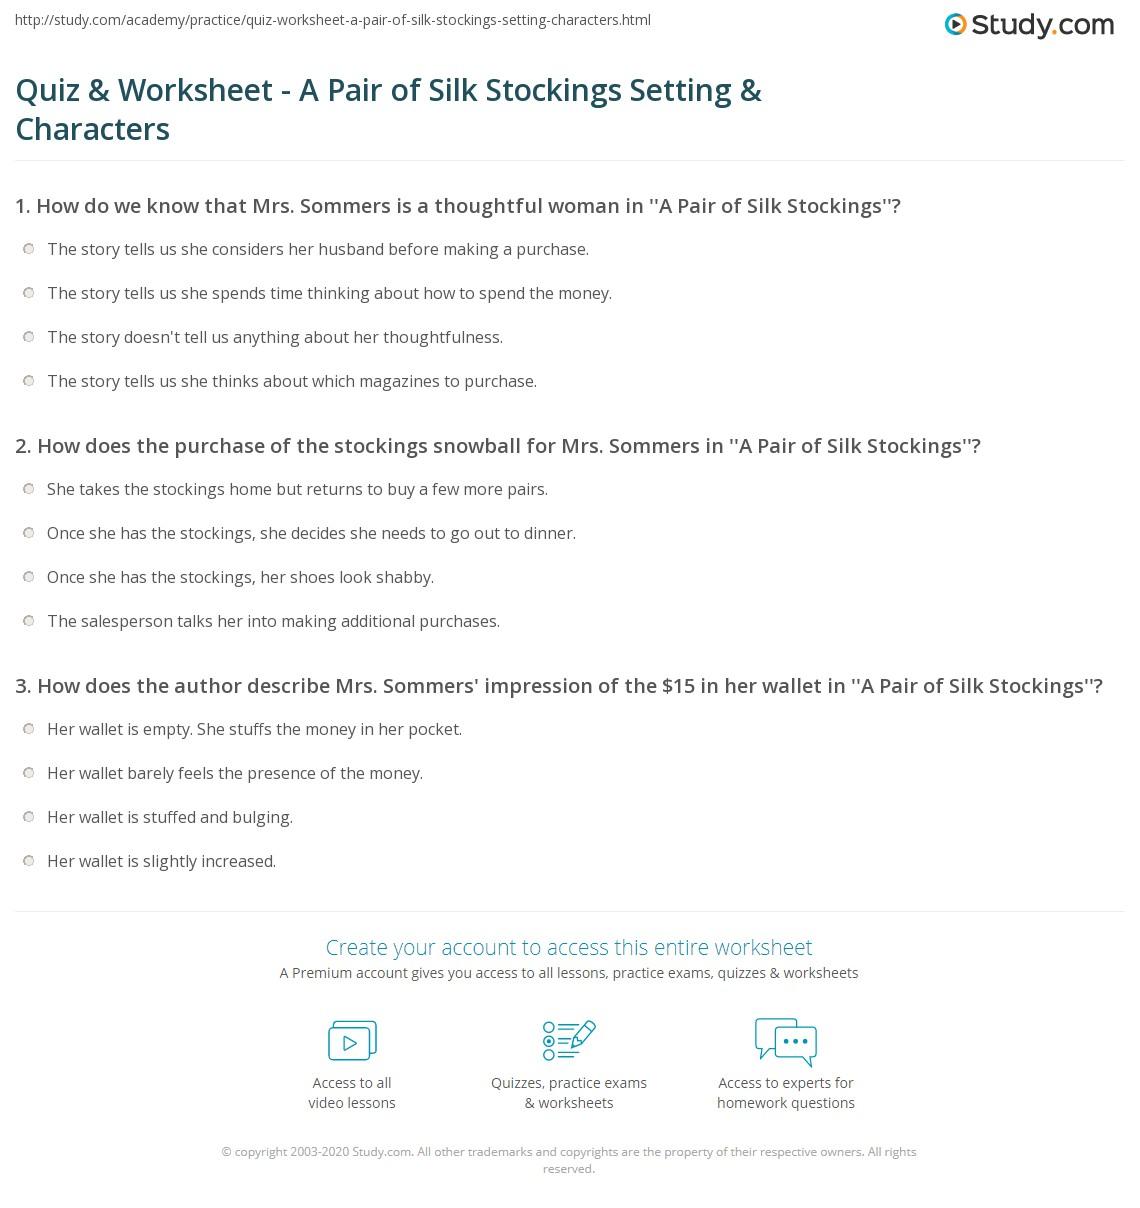 A Pair of Silk Stockings Summary